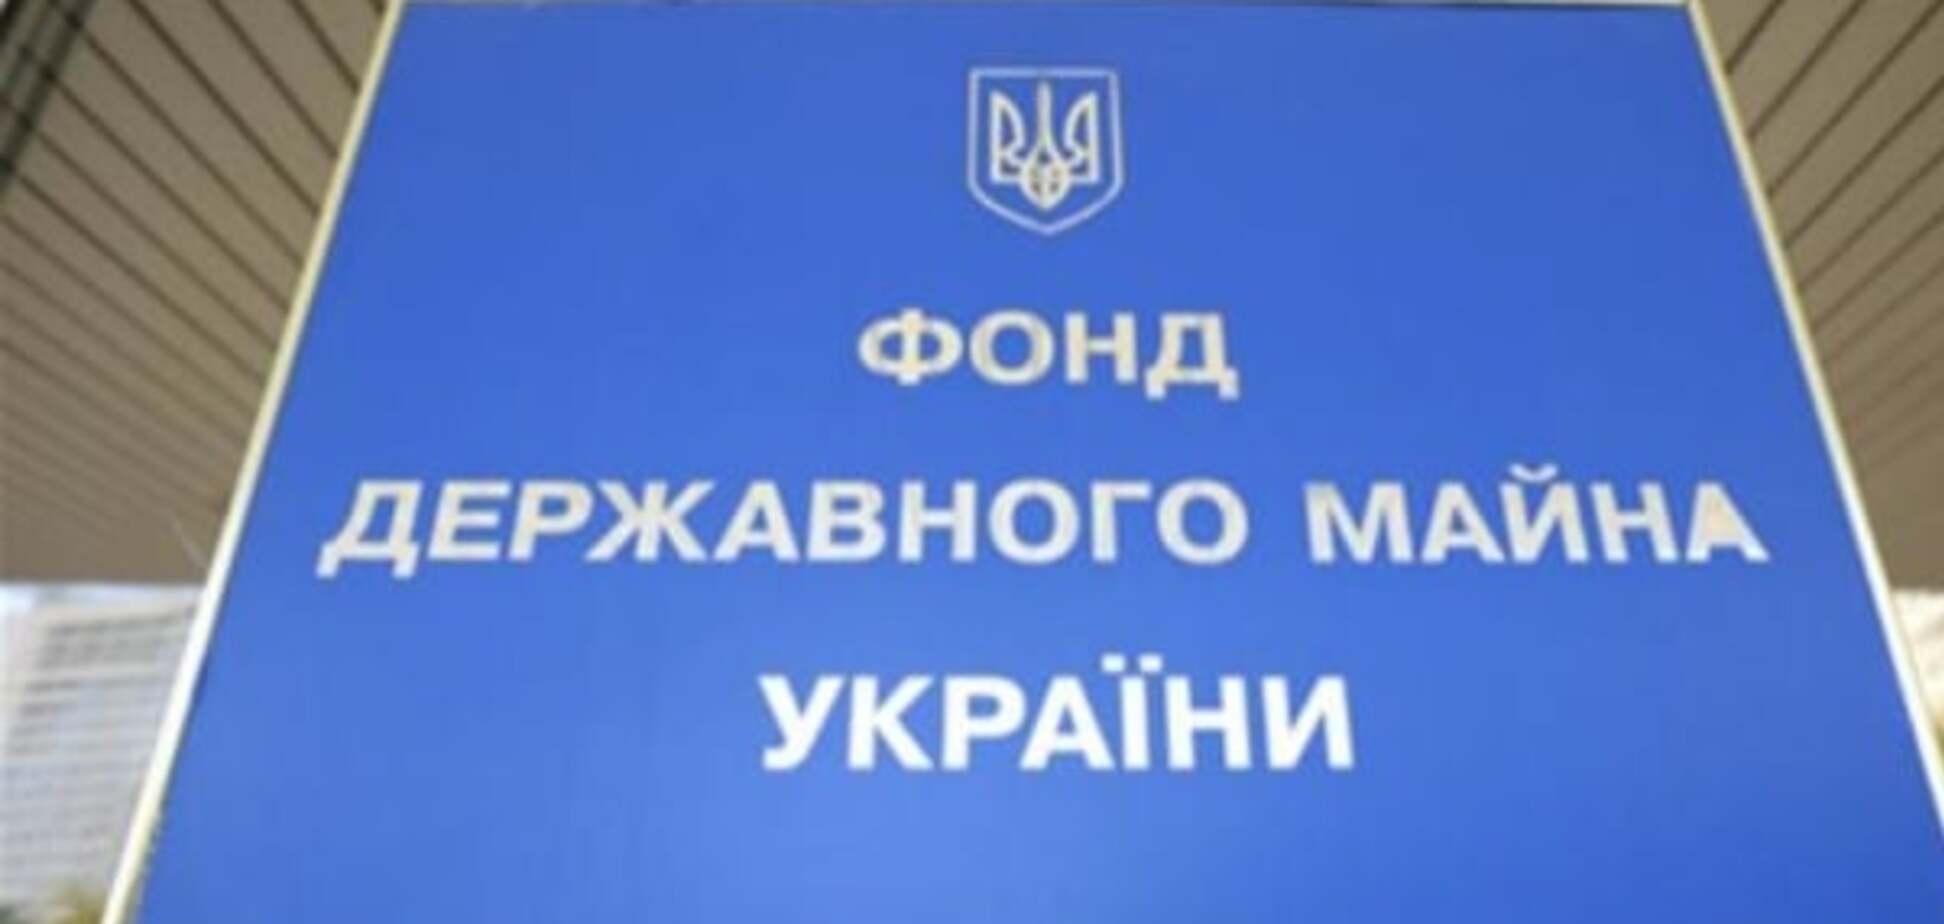 Ударними темпами: скільки оренда держмайна принесла у бюджет України